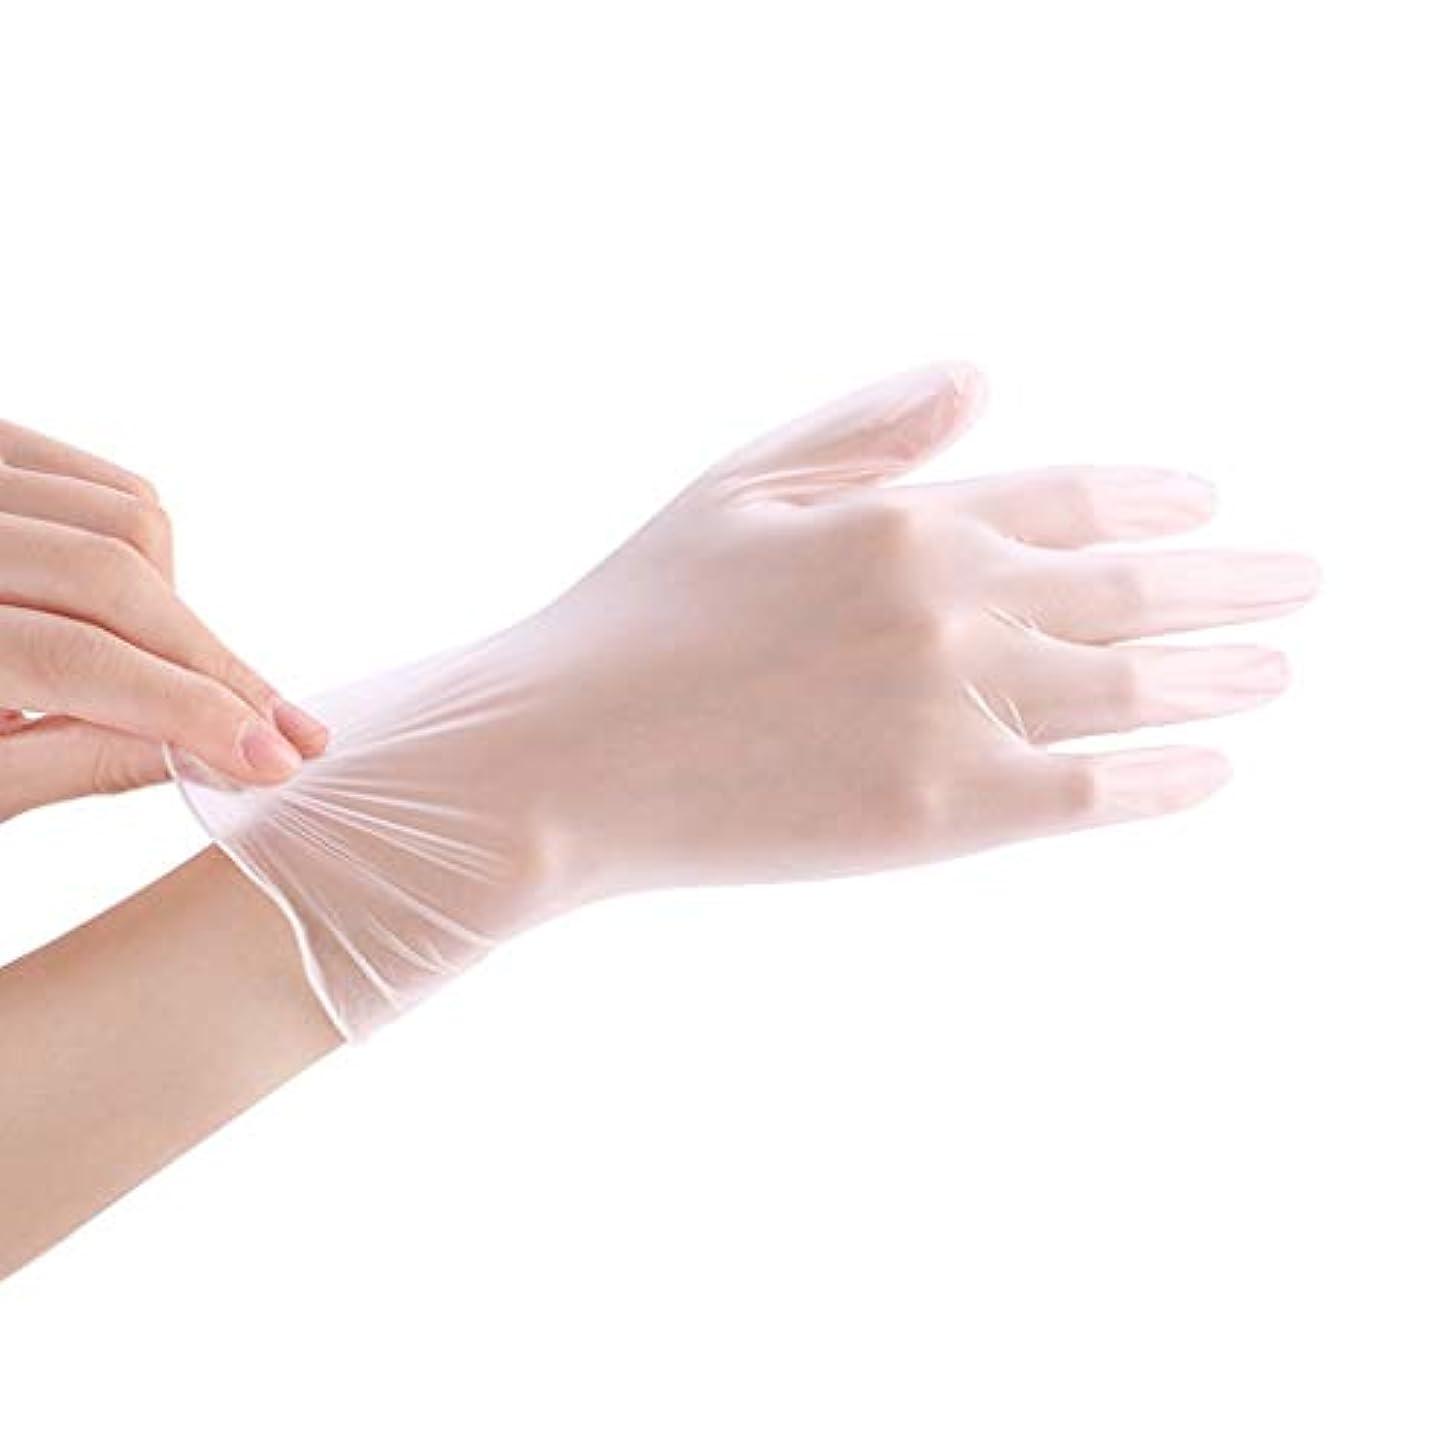 西ルー女将使い捨て透明食品ケータリンググレードPVC手袋美容キッチンベーキングフィルム手袋200 YANW (色 : トランスペアレント, サイズ さいず : L l)